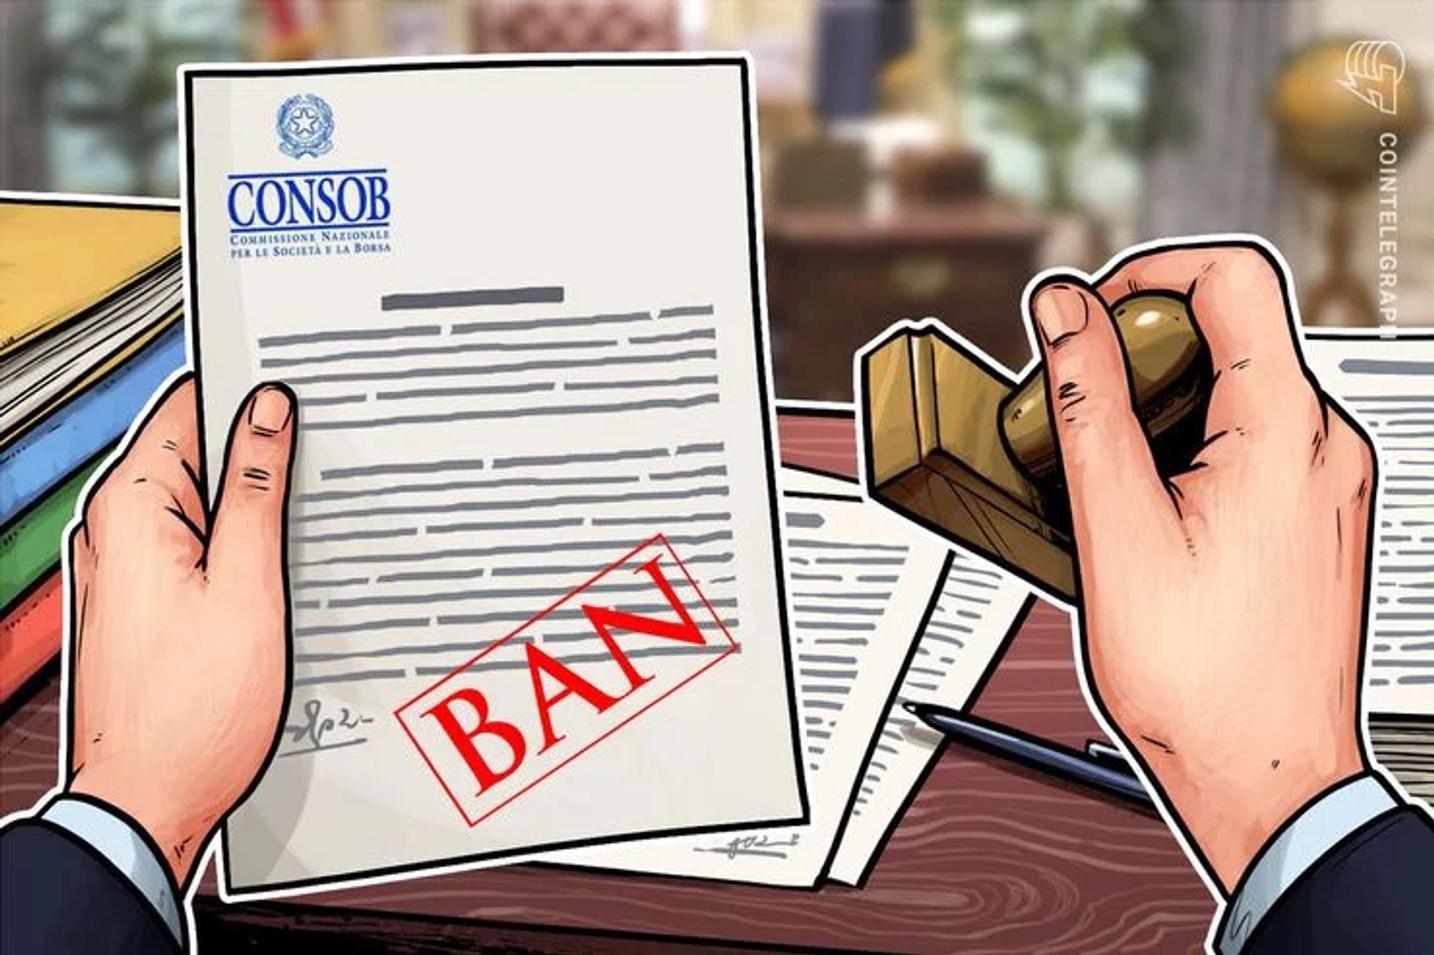 La CONSOB sospende il servizio d'investimento Tessline e la criptovaluta Liracoin